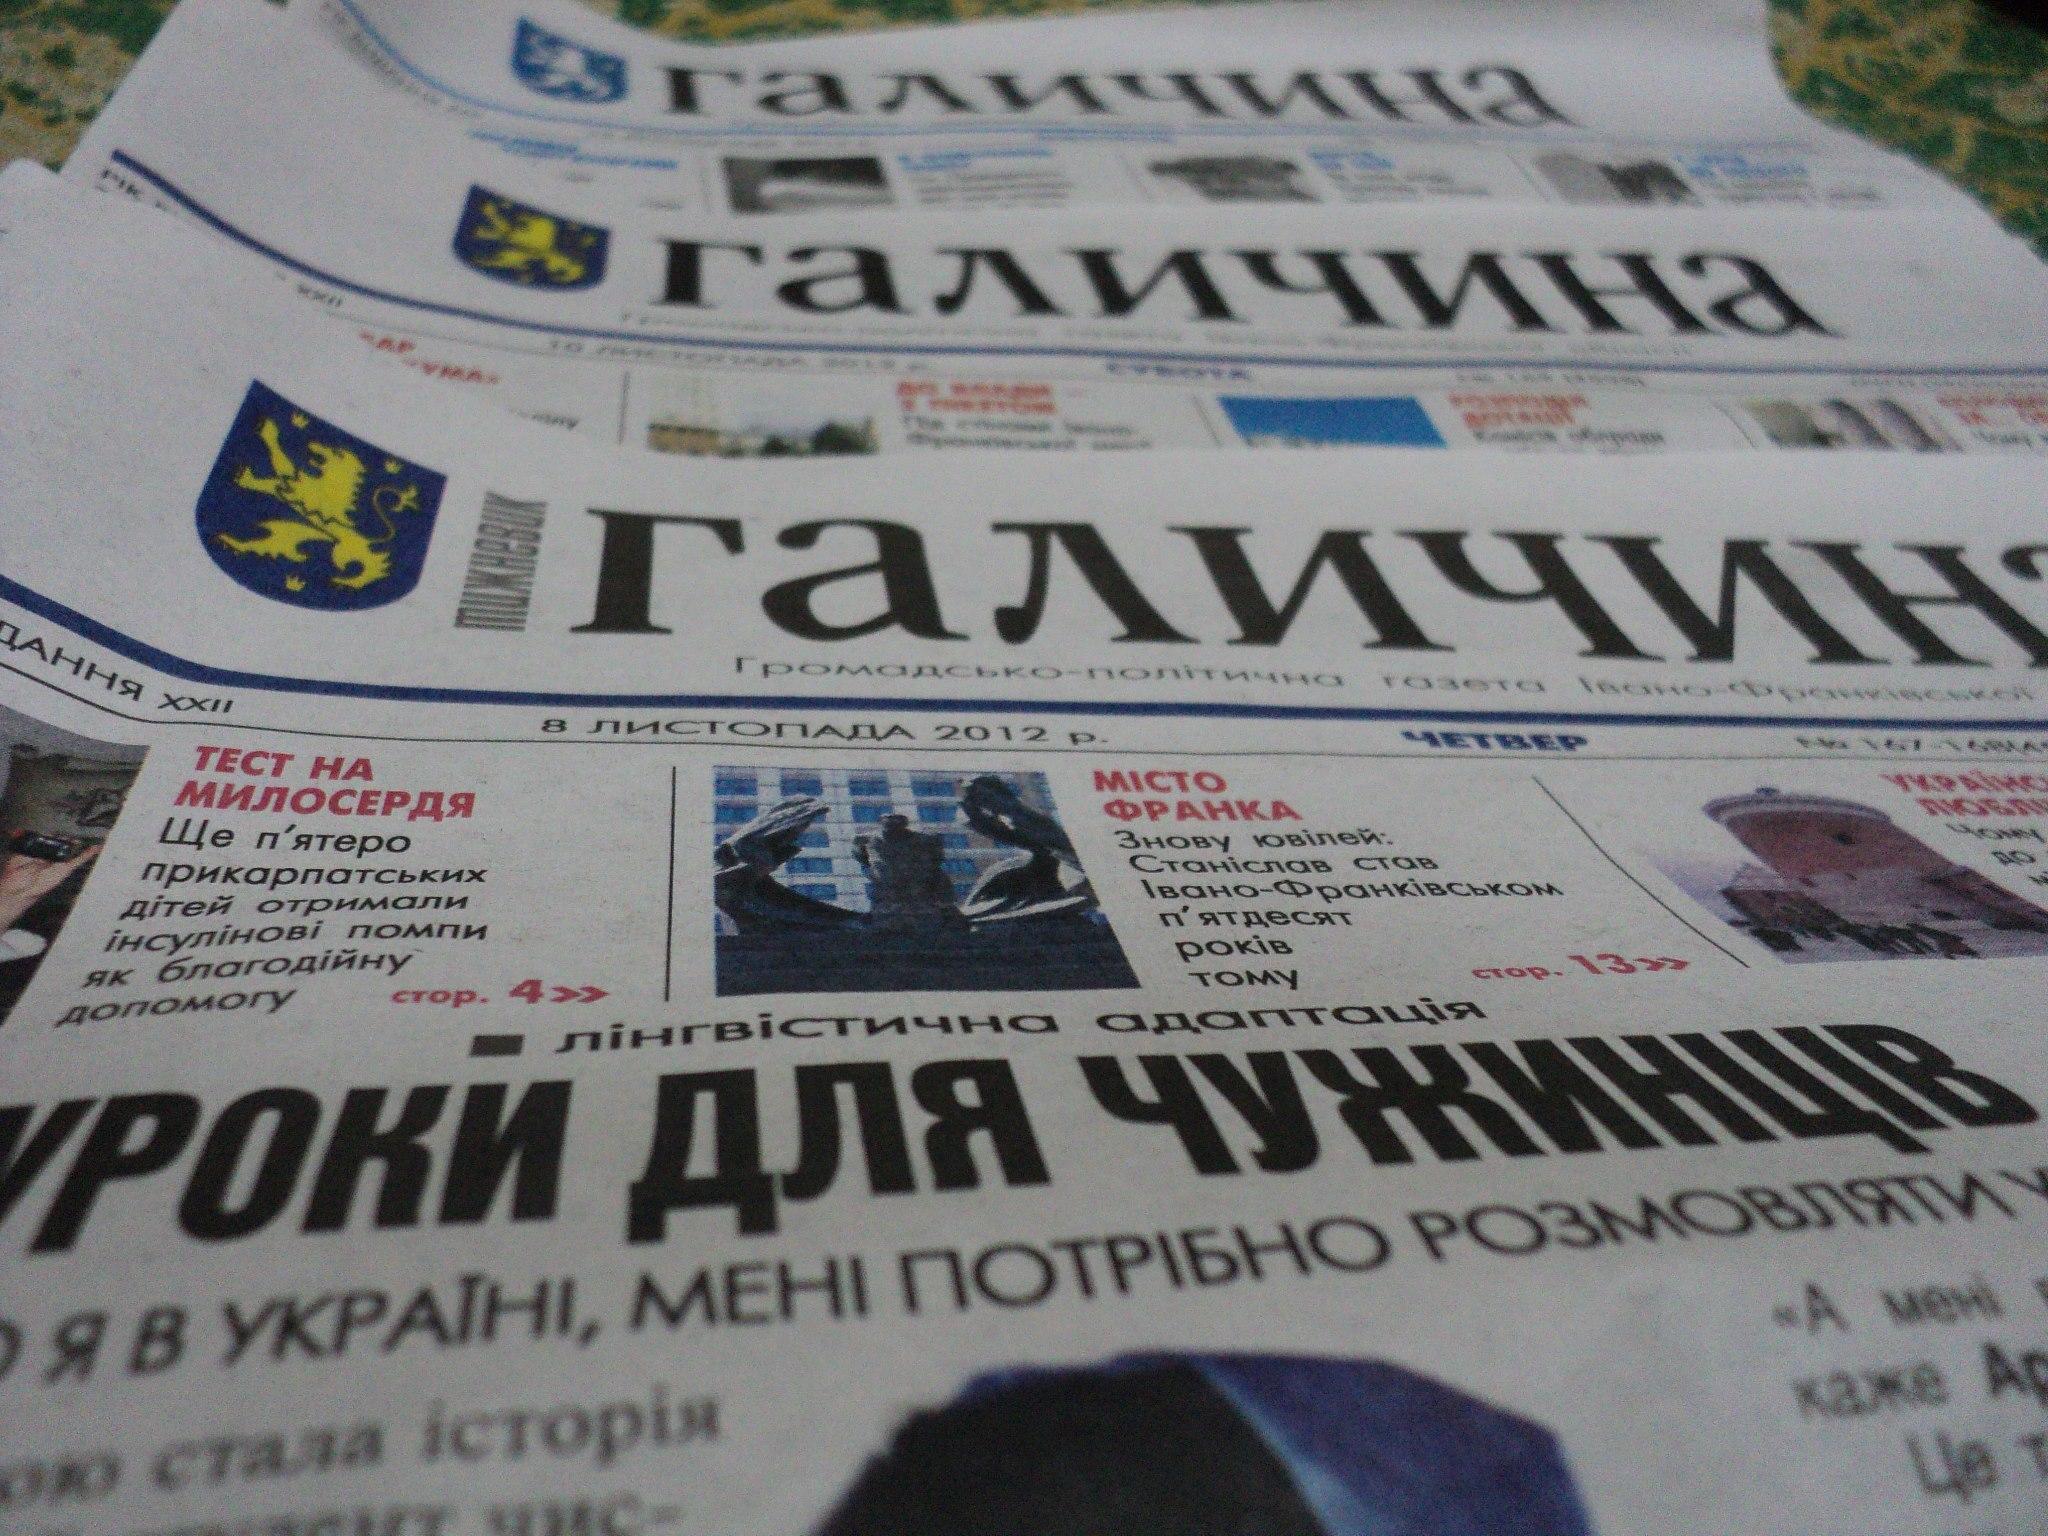 Ще одна прикарпатська газета відмовилась друкувати телепрограму українофобського «Інтера»